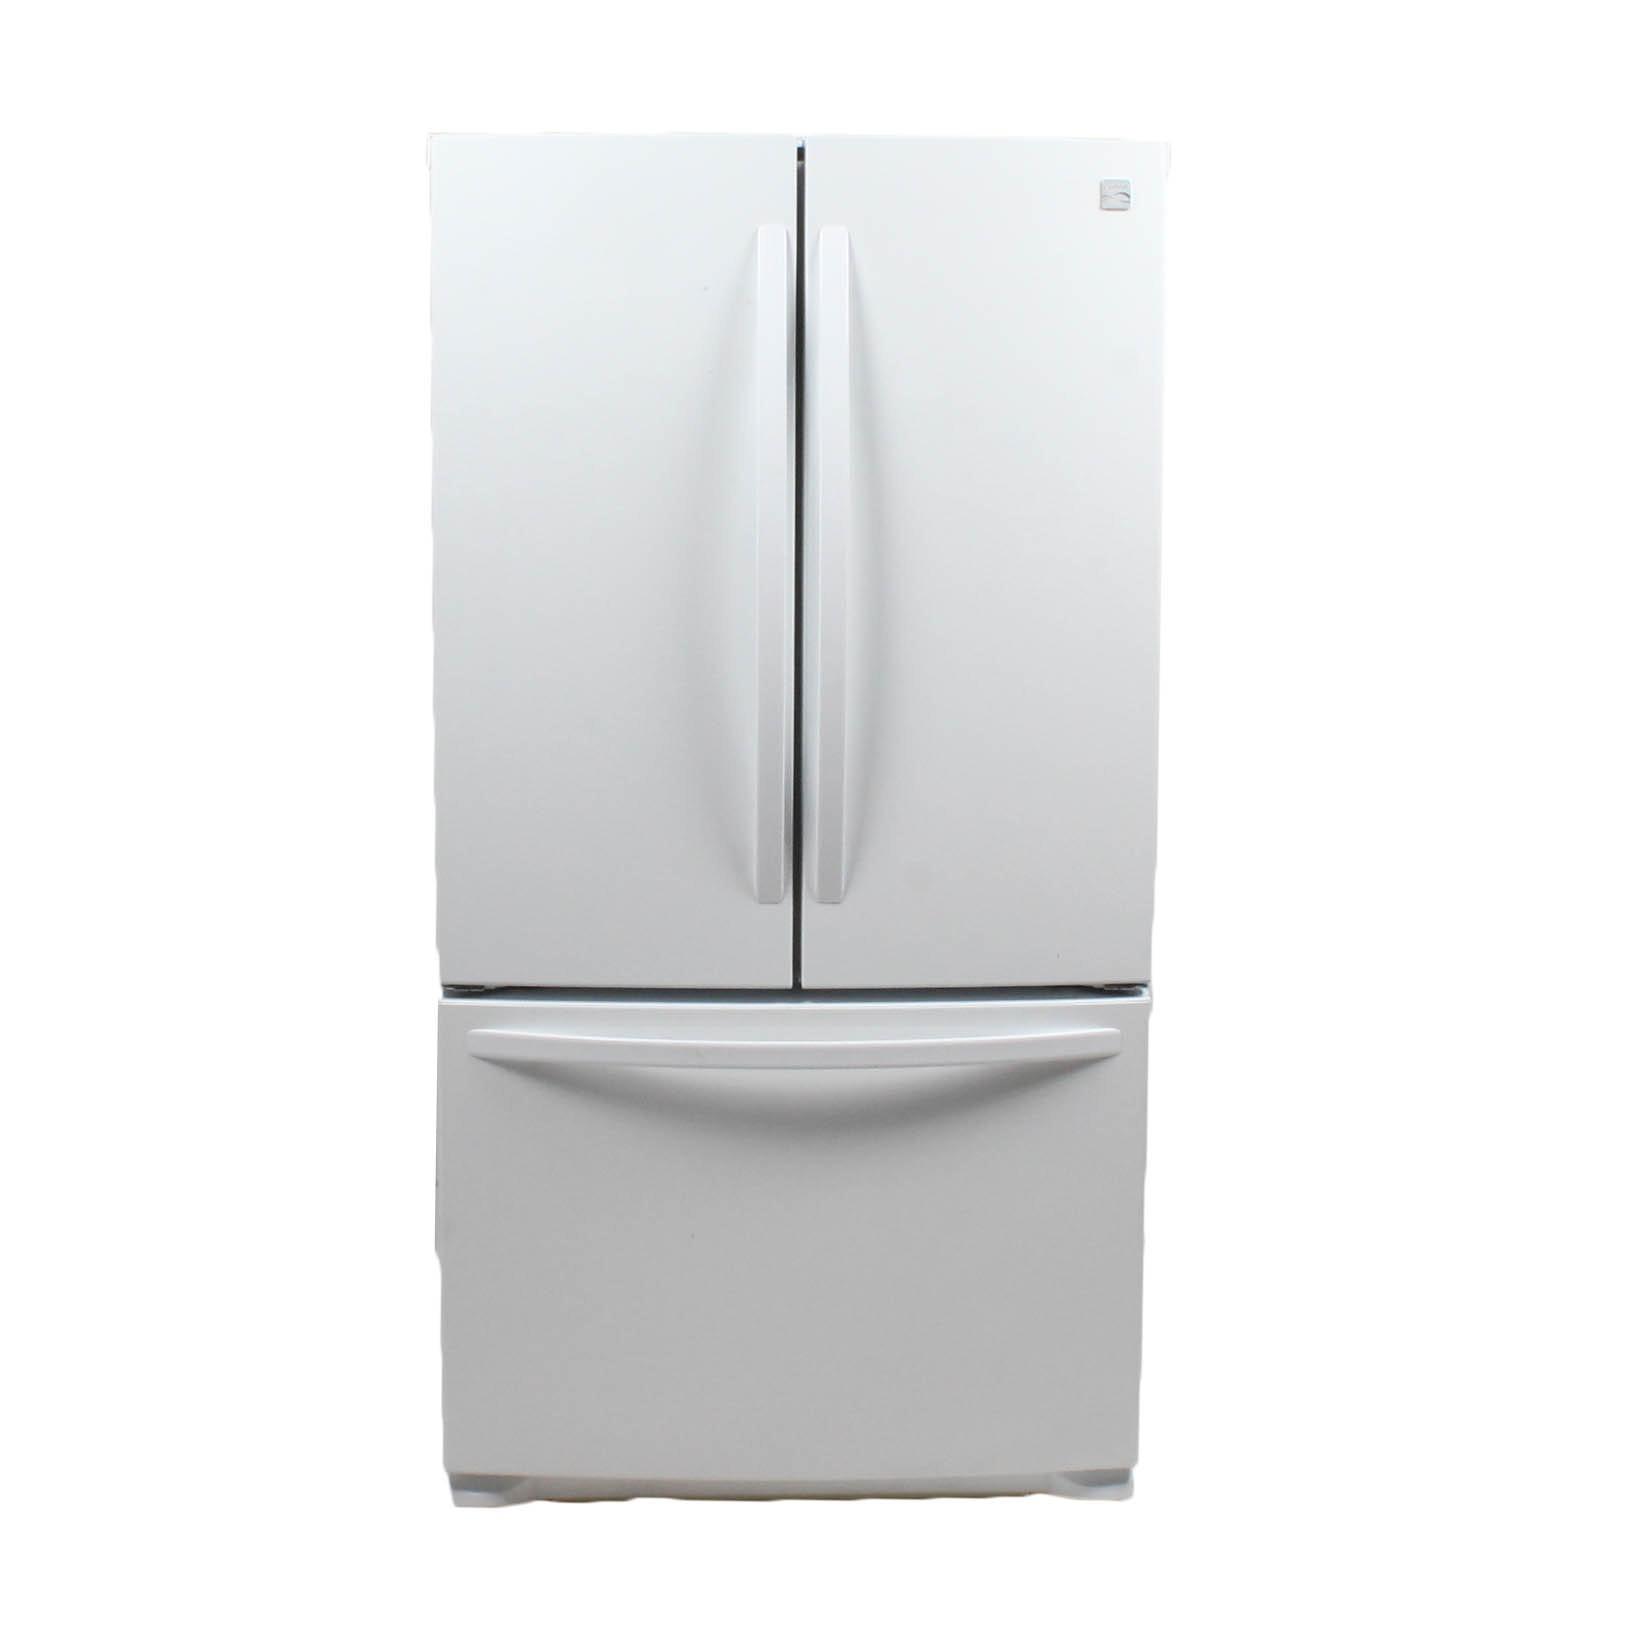 Kenmore Bottom Freezer Refrigerator